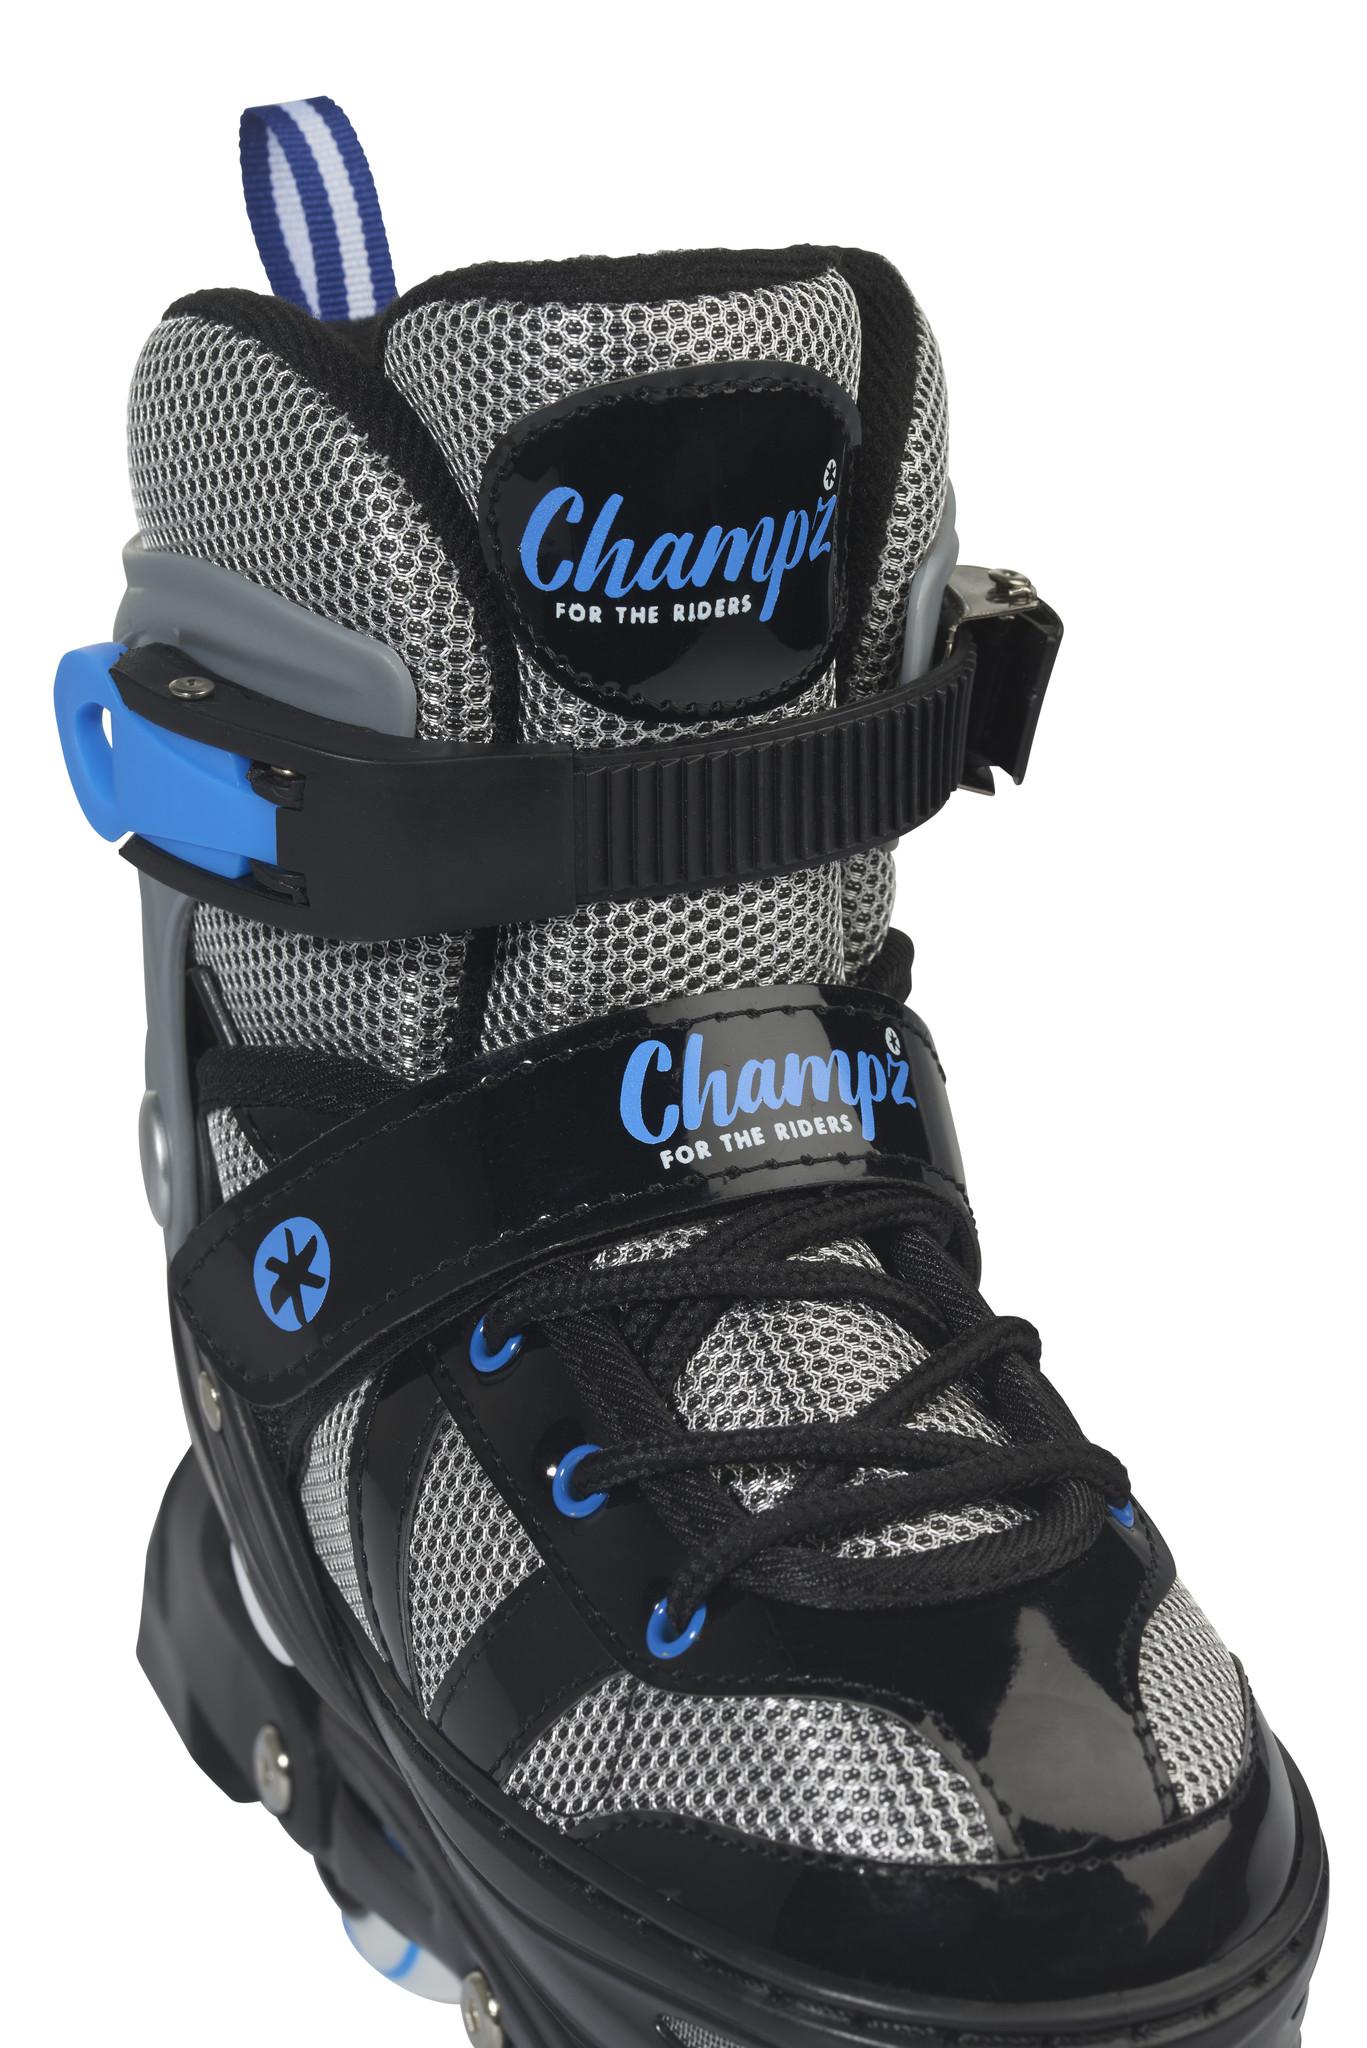 CHAMPZ CHAMPZ INLINE SKATES, BLAUW/ZWART